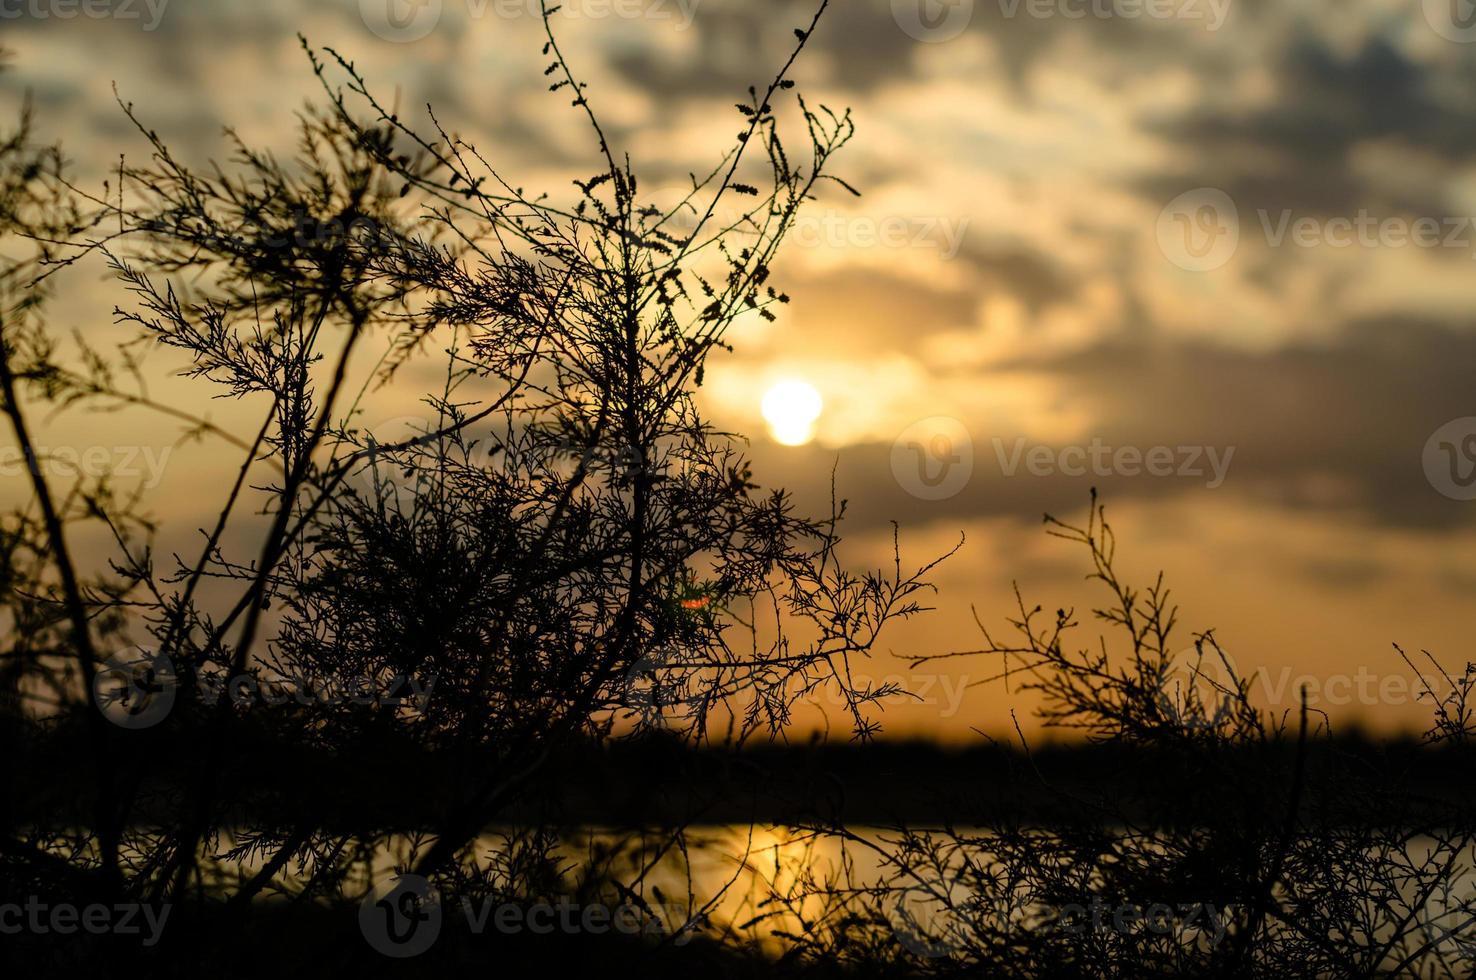 ramas y hojas de plantas contra el sol poniente foto